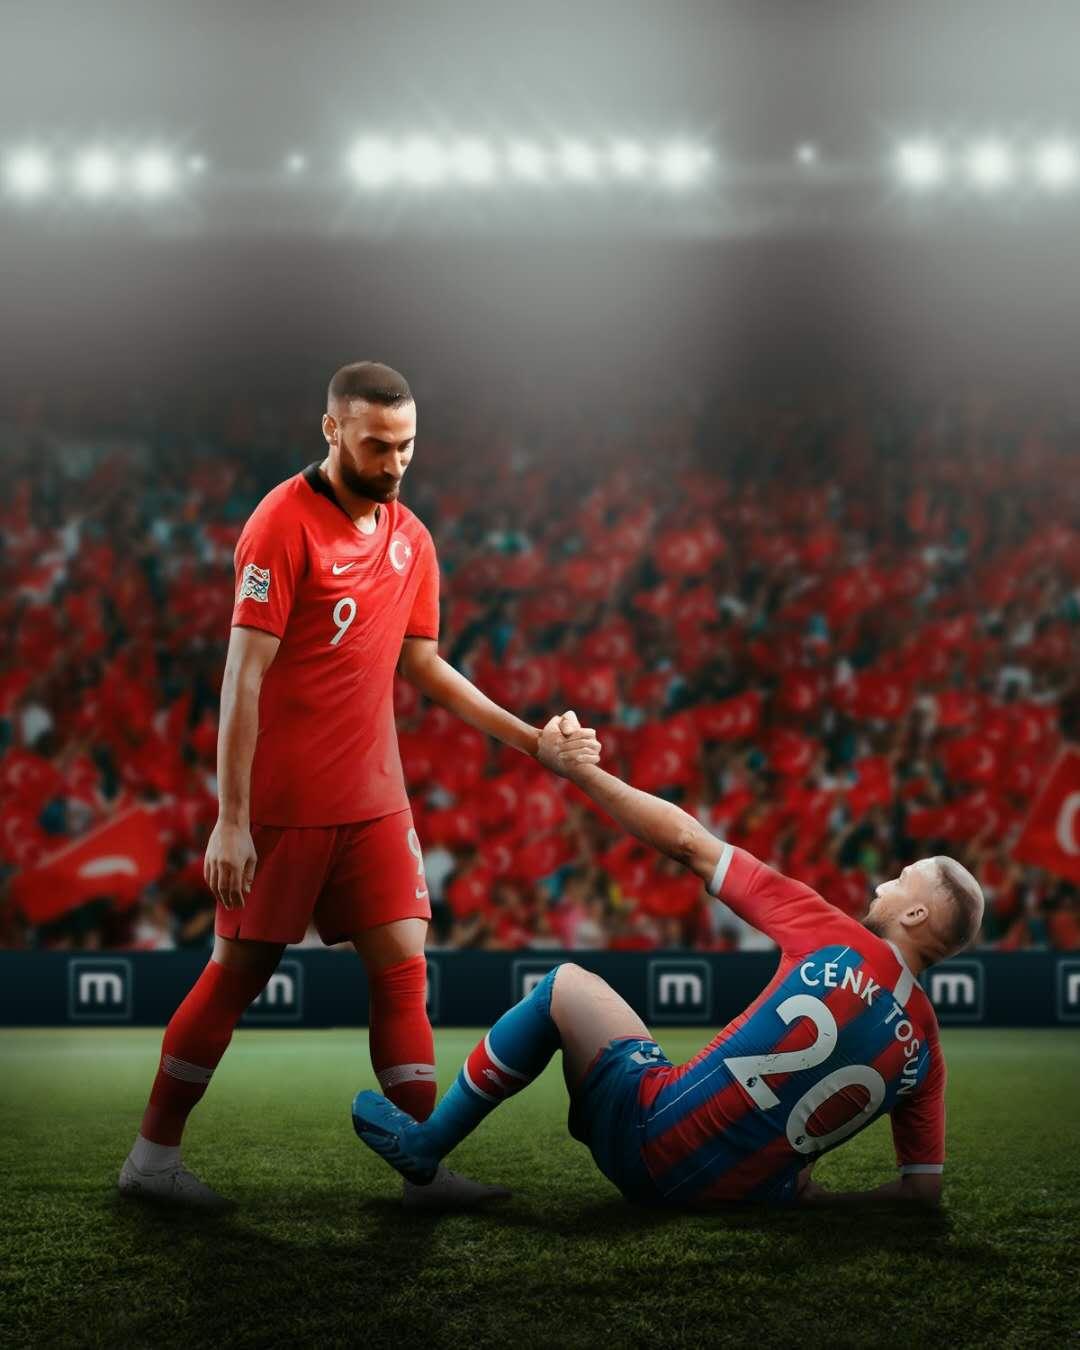 土耳其前锋托松十字韧带撕裂,赛季报销基本无缘欧洲杯